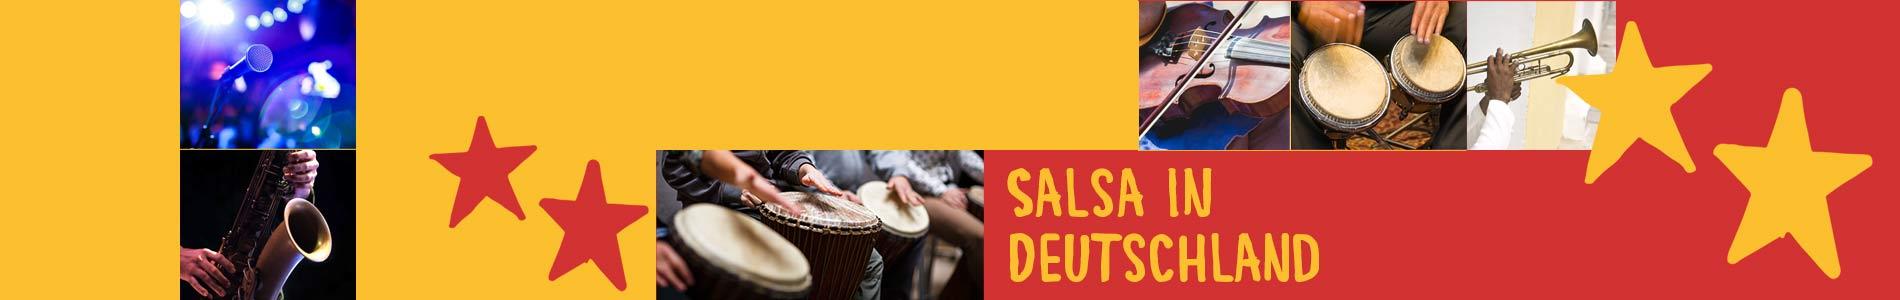 Salsa in Breitenworbis – Salsa lernen und tanzen, Tanzkurse, Partys, Veranstaltungen